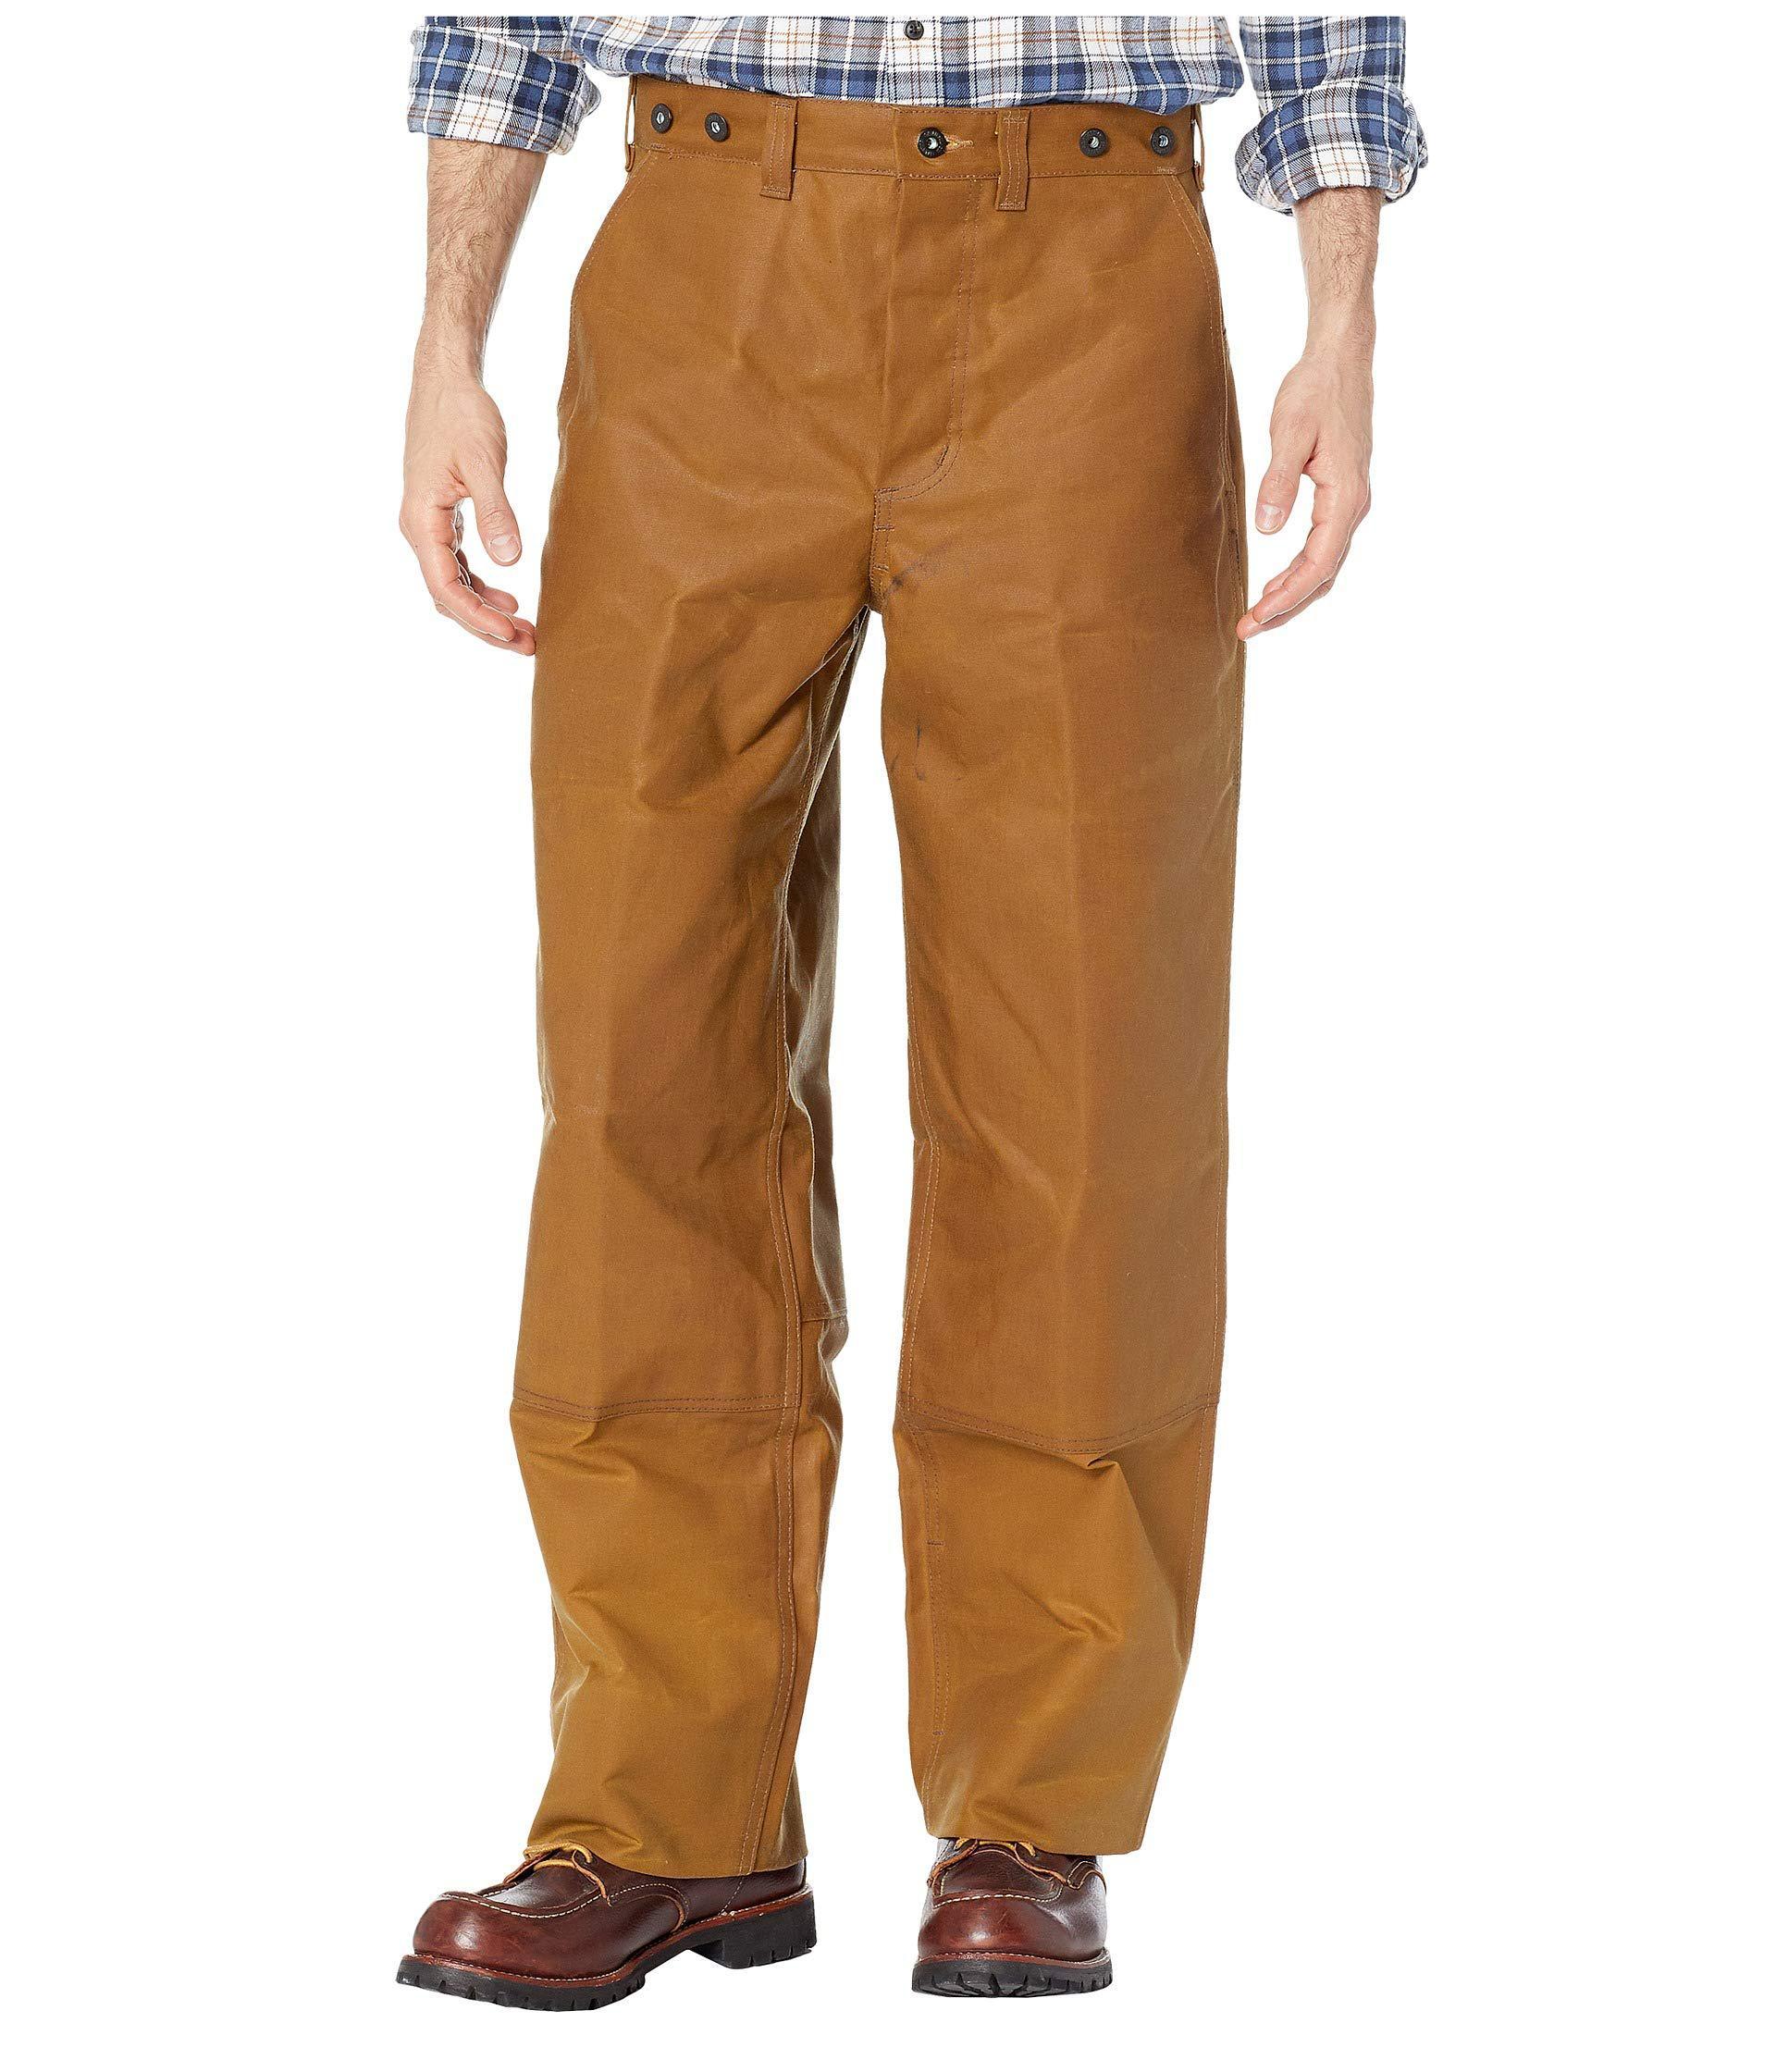 Filson Oil Finish Double Tin Bib Pant - Men's ... |Filson Tin Pant Oil Finish